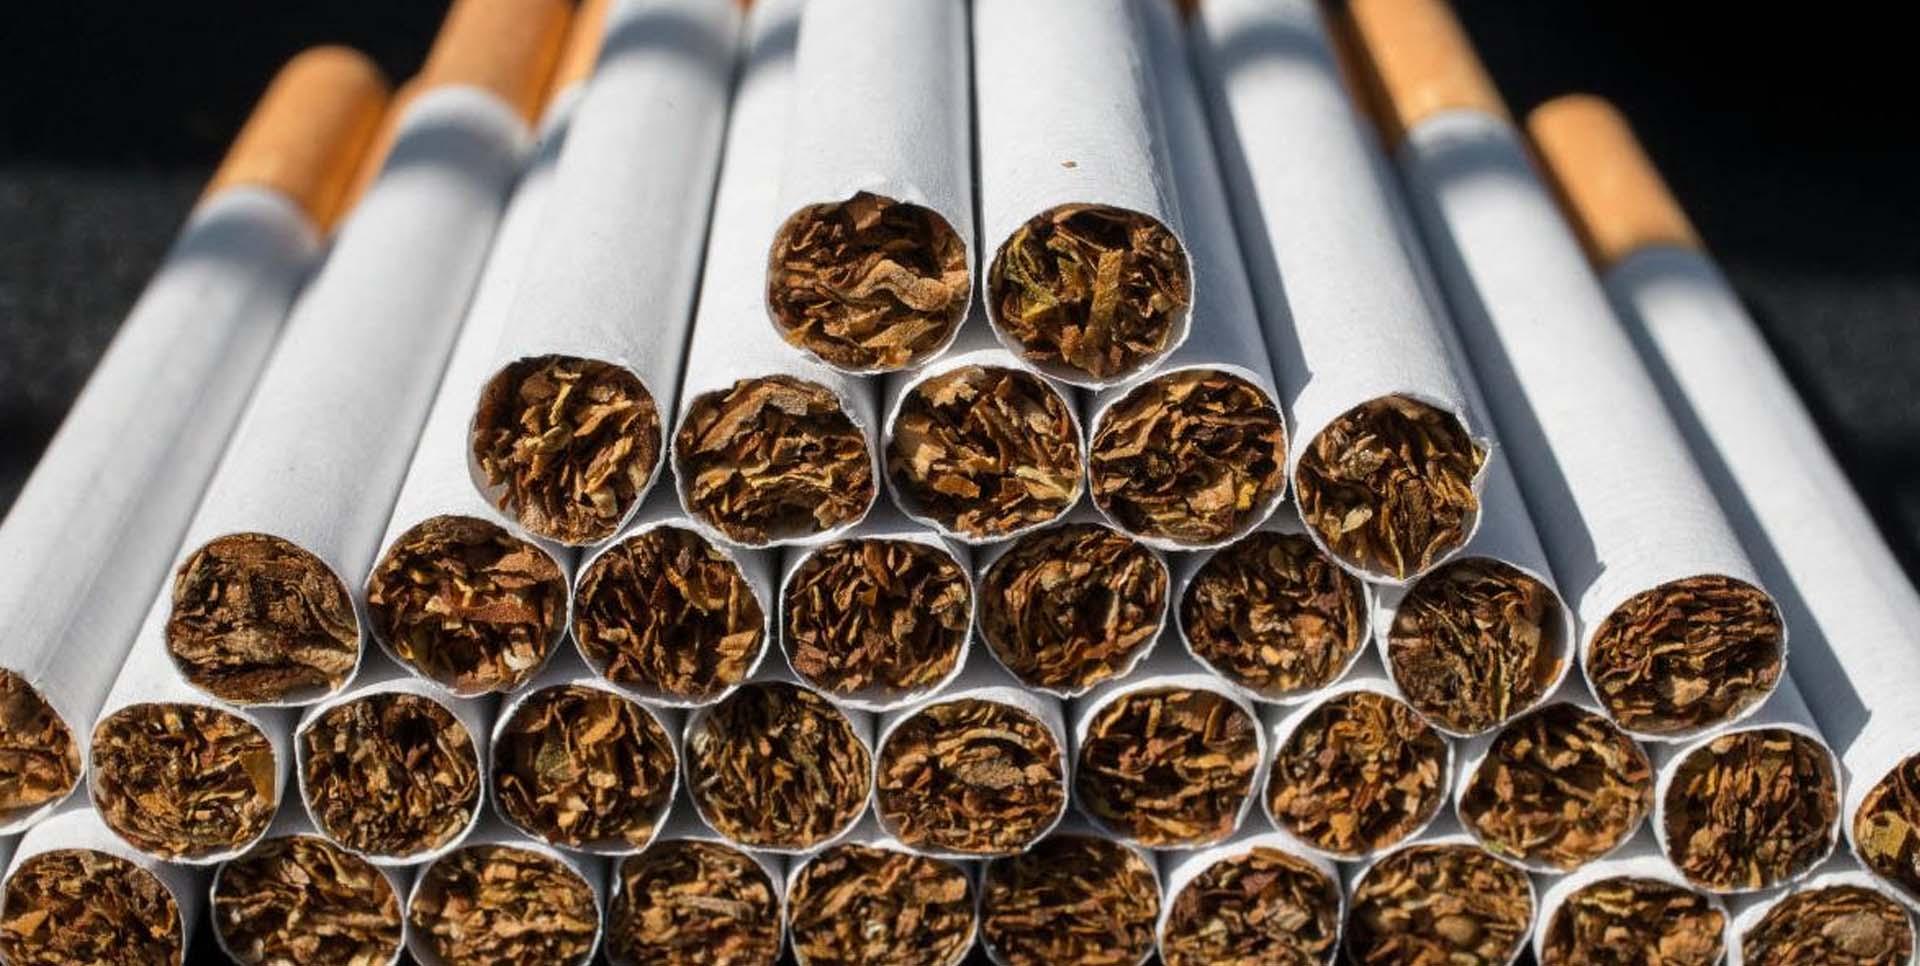 tabaco daña la salud dental